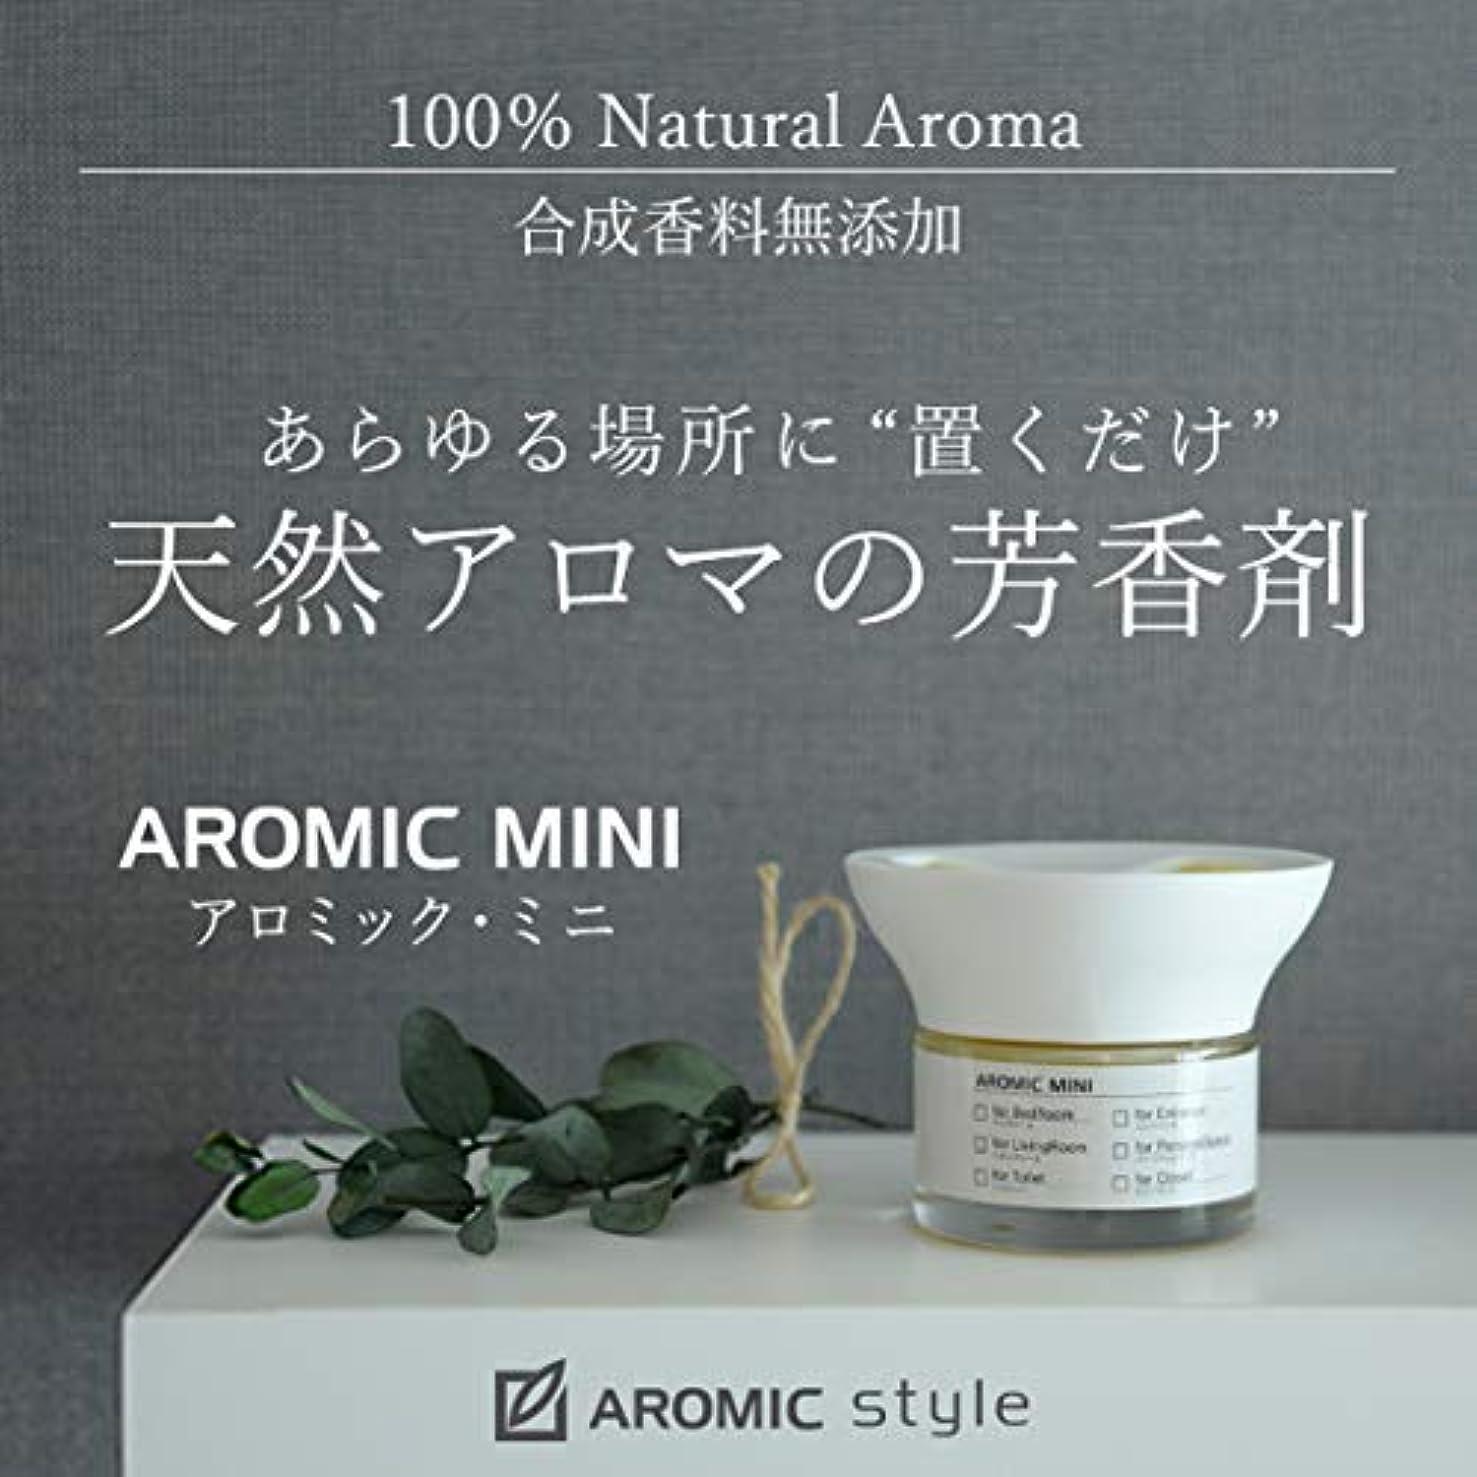 トンネルジャングルすりAROMIC style アロマディフューザー アロミックミニ【for LivingRoom】